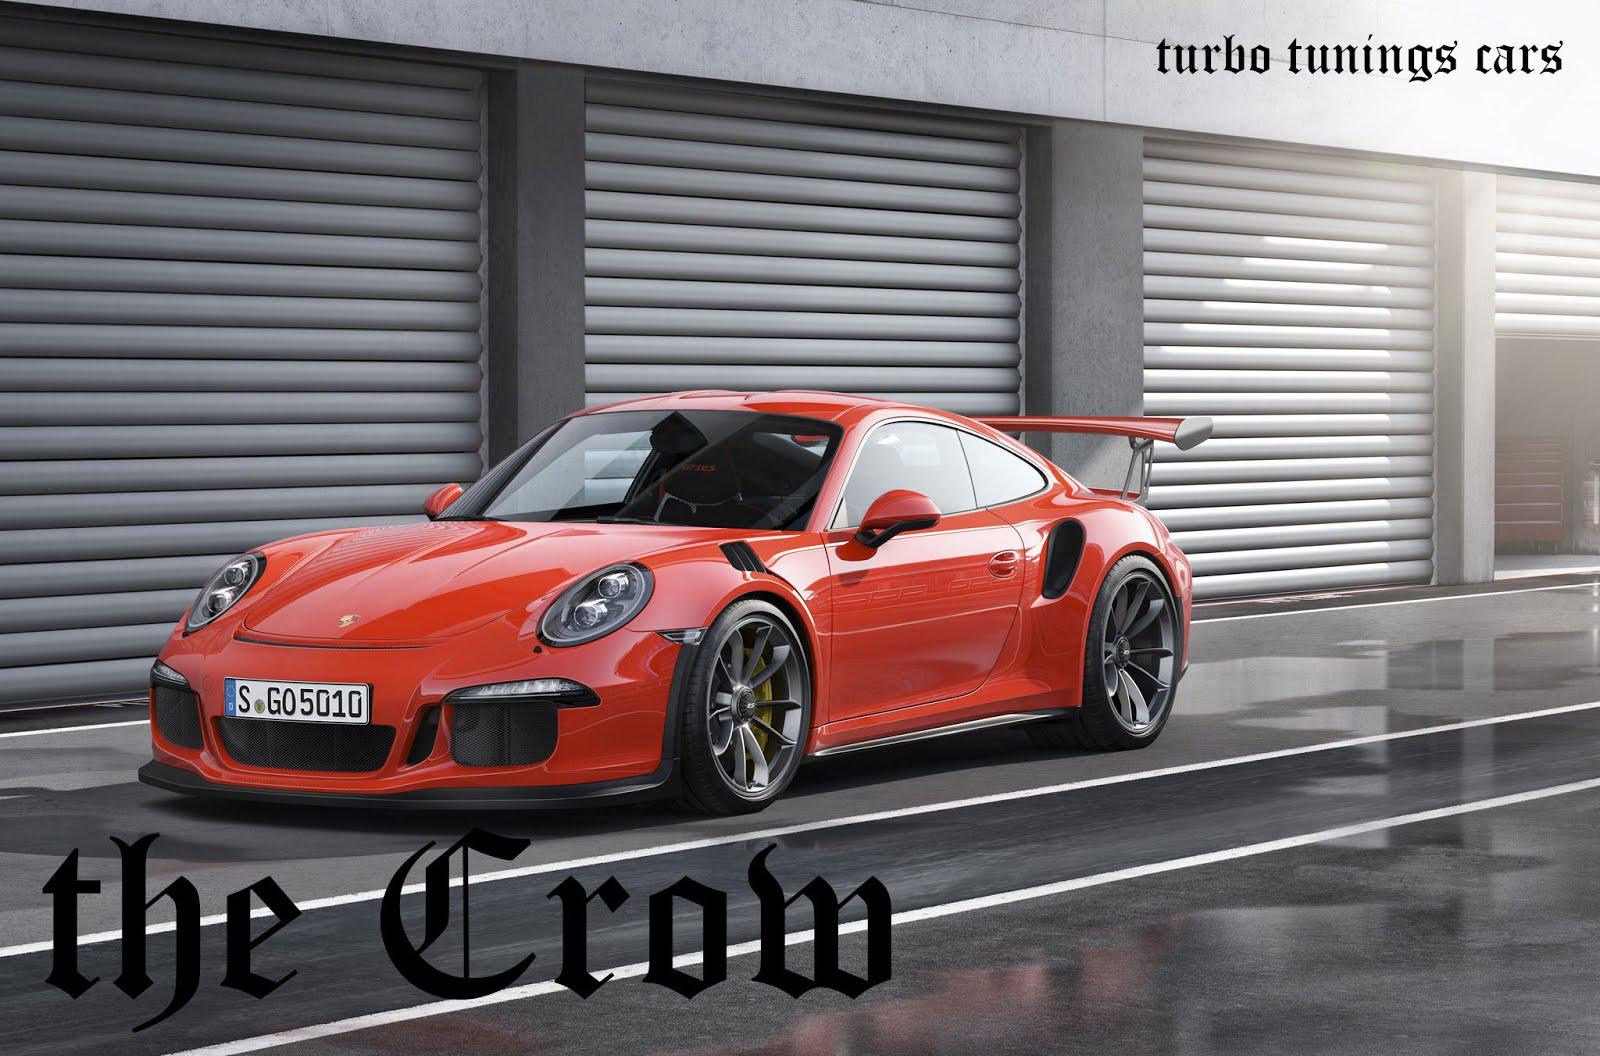 turbo tunings cars